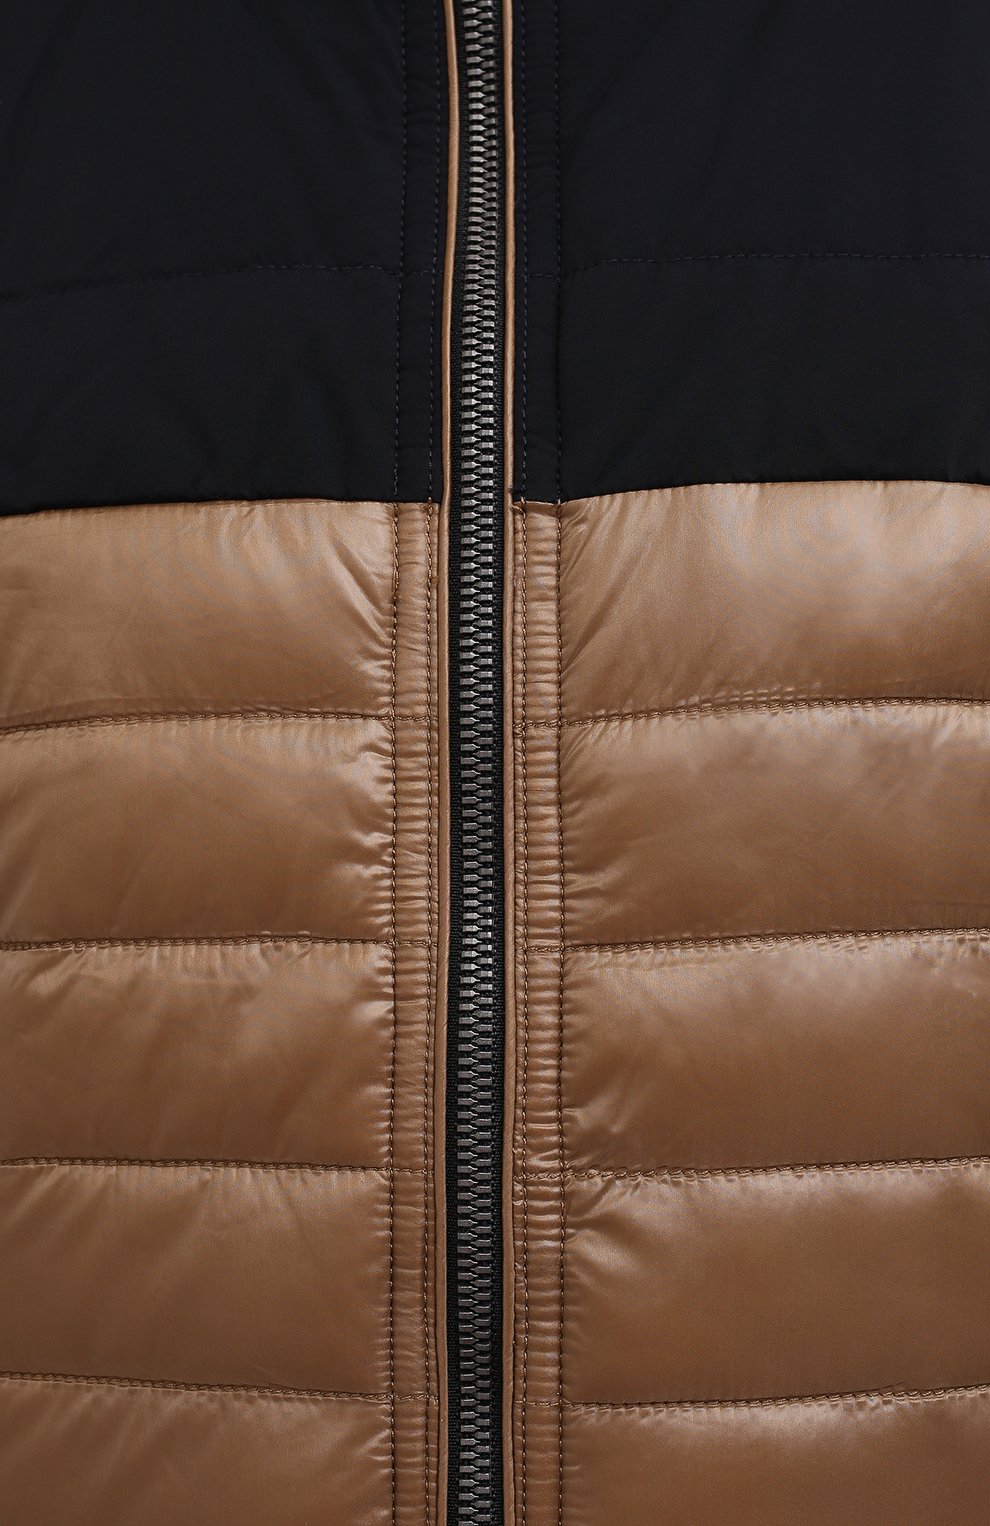 Мужская утепленная куртка BOGNER коричневого цвета, арт. 38006550 | Фото 5 (Кросс-КТ: Куртка; Мужское Кросс-КТ: пуховик-короткий; Рукава: Длинные; Материал внешний: Синтетический материал; Длина (верхняя одежда): Короткие; Стили: Кэжуэл)